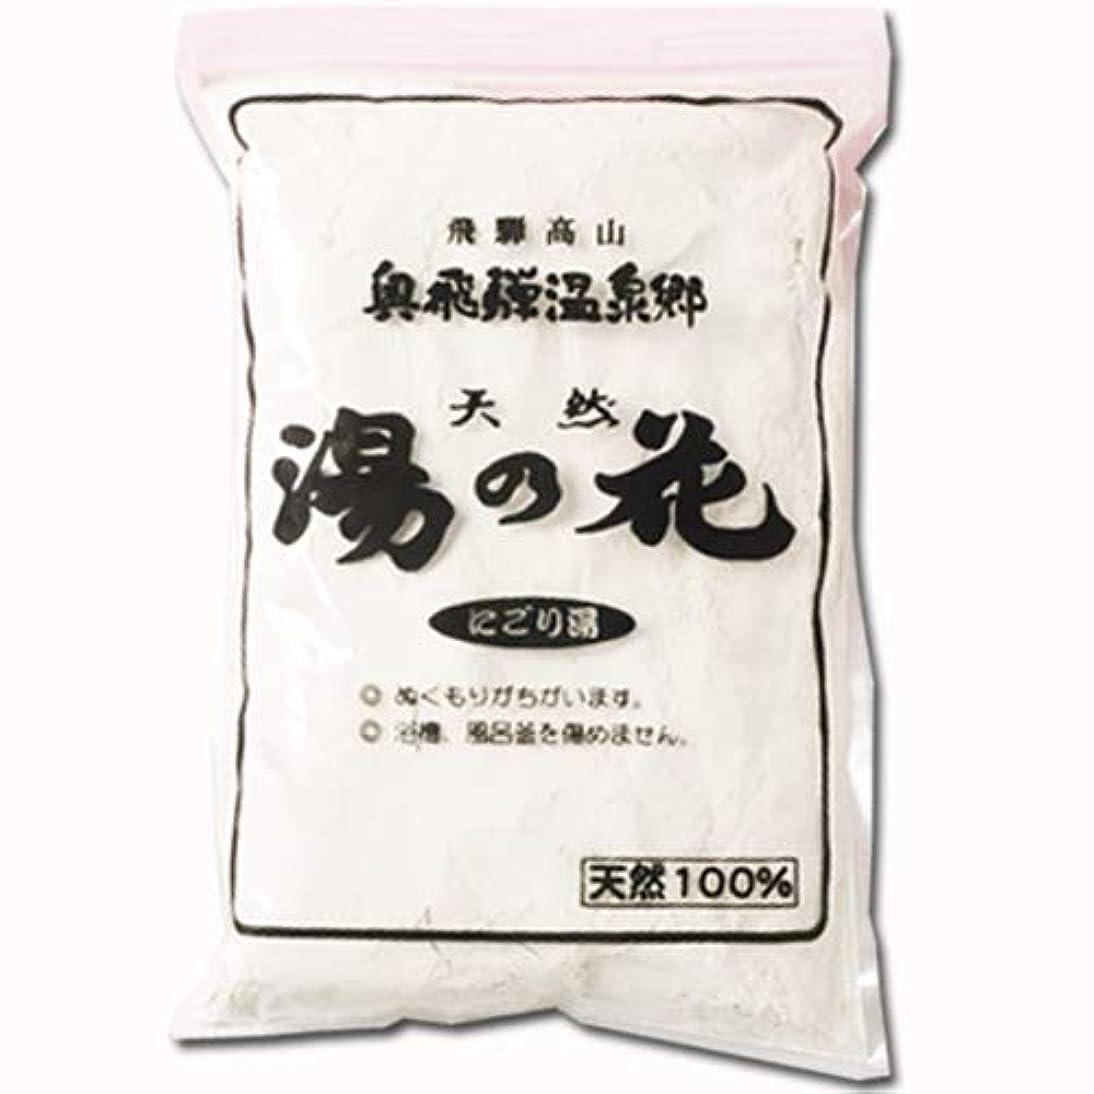 不公平位置する実際の天然湯の花 (業務用) 1kg (飛騨高山温泉郷 にごり湯)